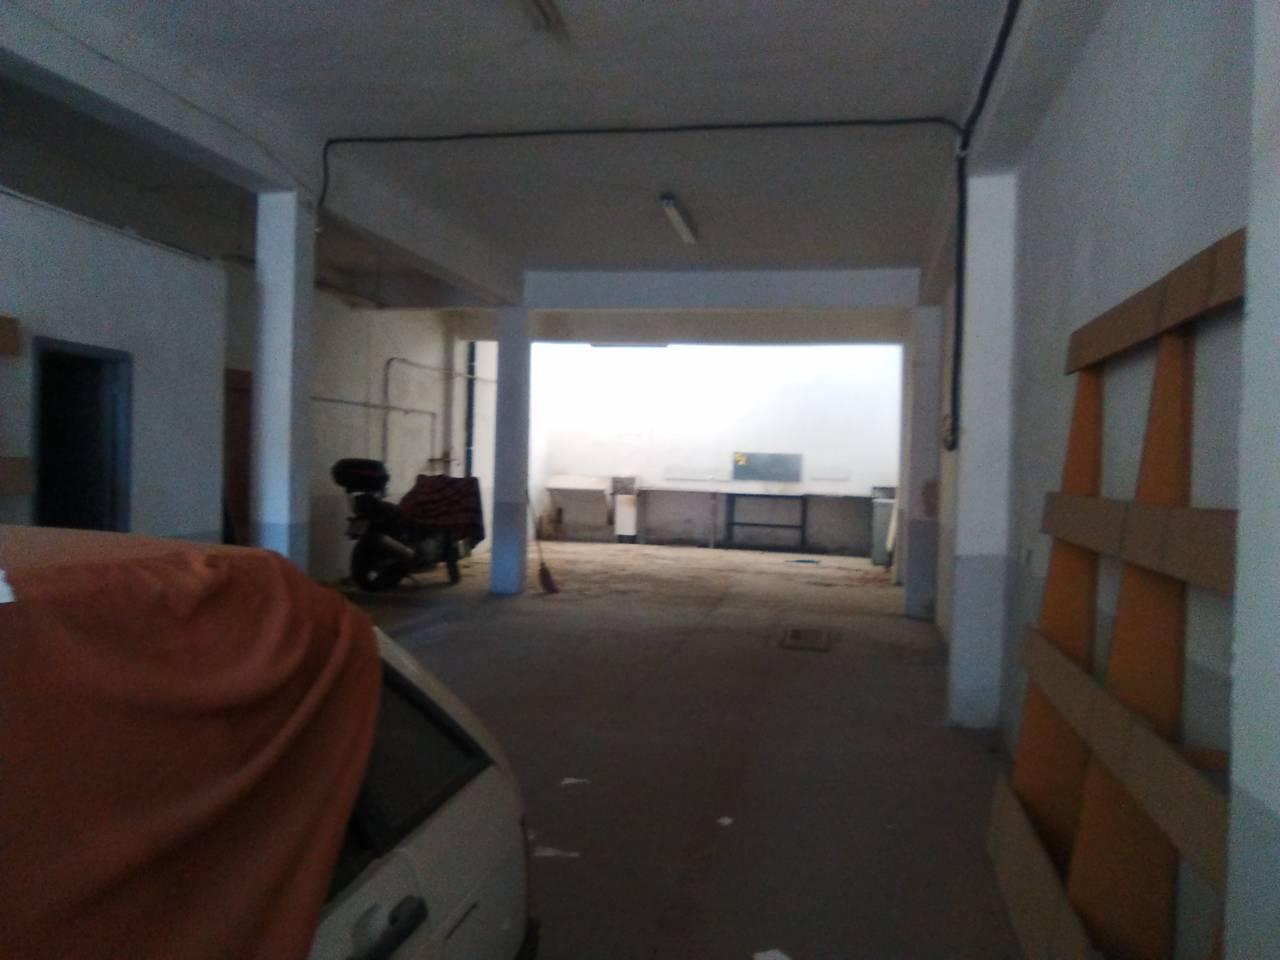 Lloguer Nau industrial  Corte ingles. Superf. 150 m², oficina, puertas de acceso, estado certificación